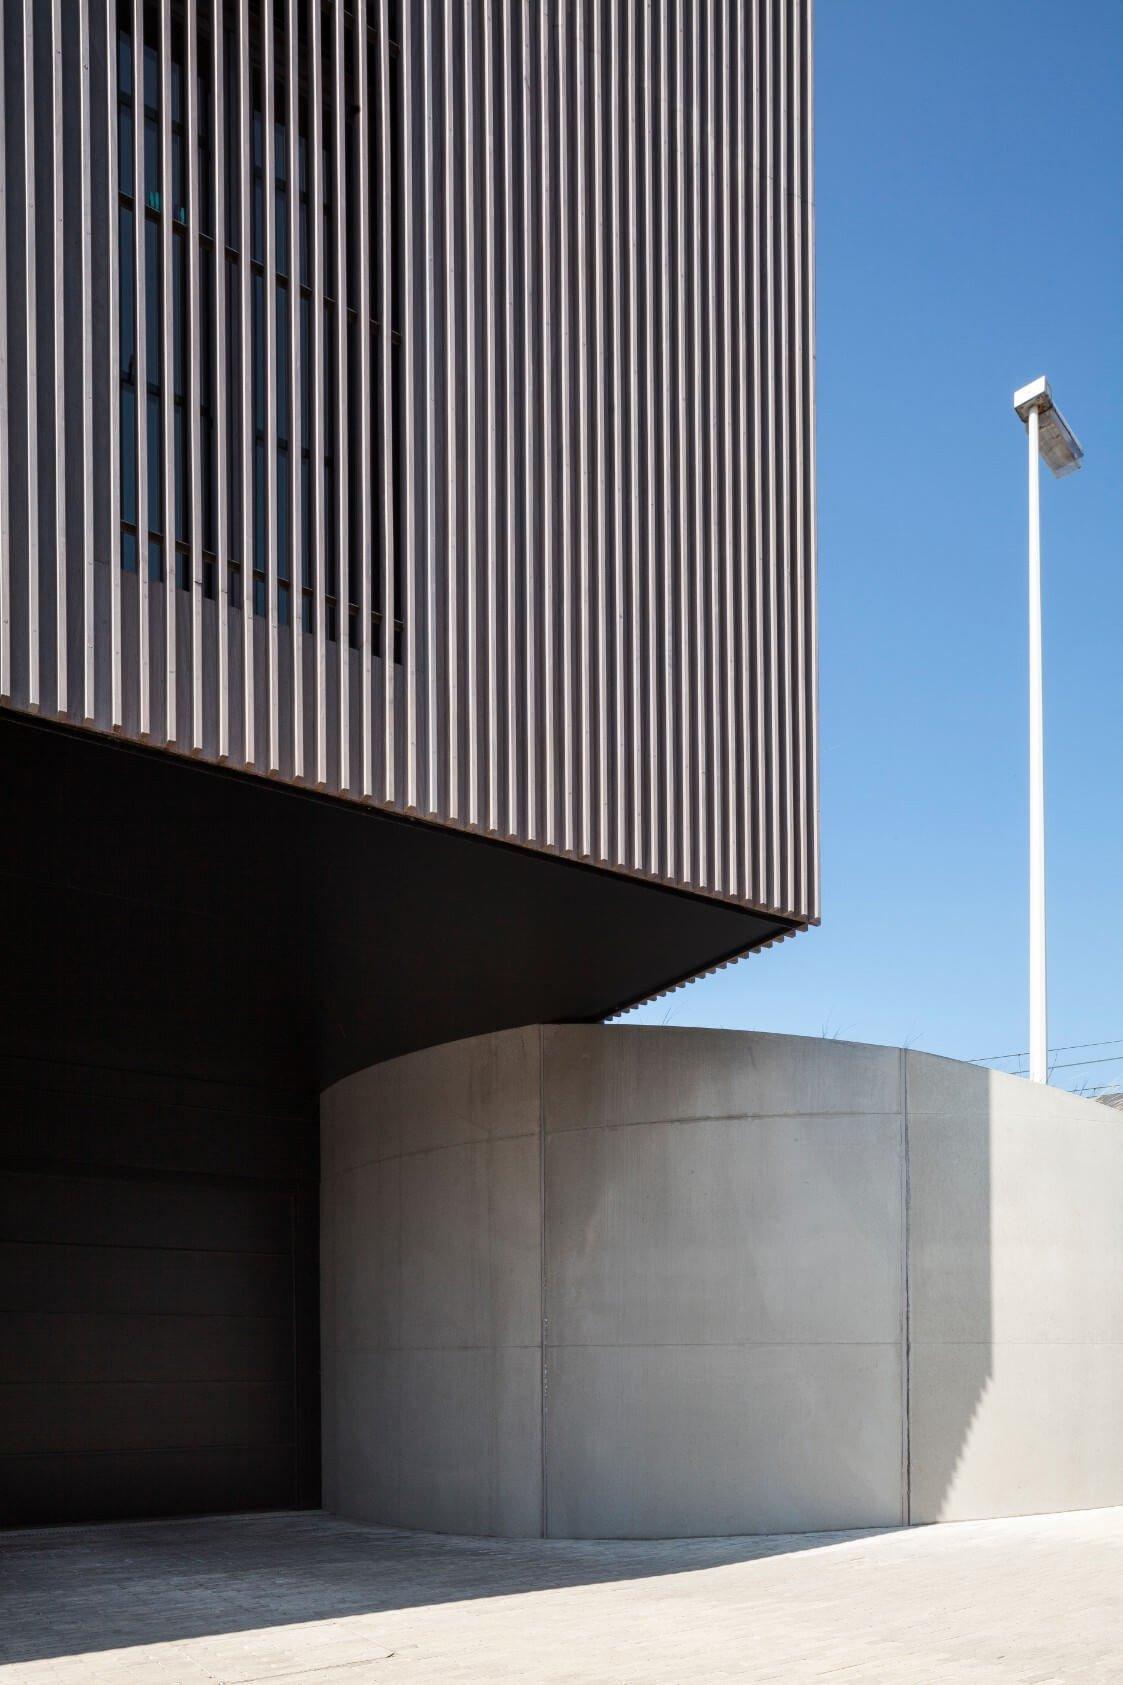 Res-JeanProuve-Rietveldprojects-photobytimvandevelde-9.jpg